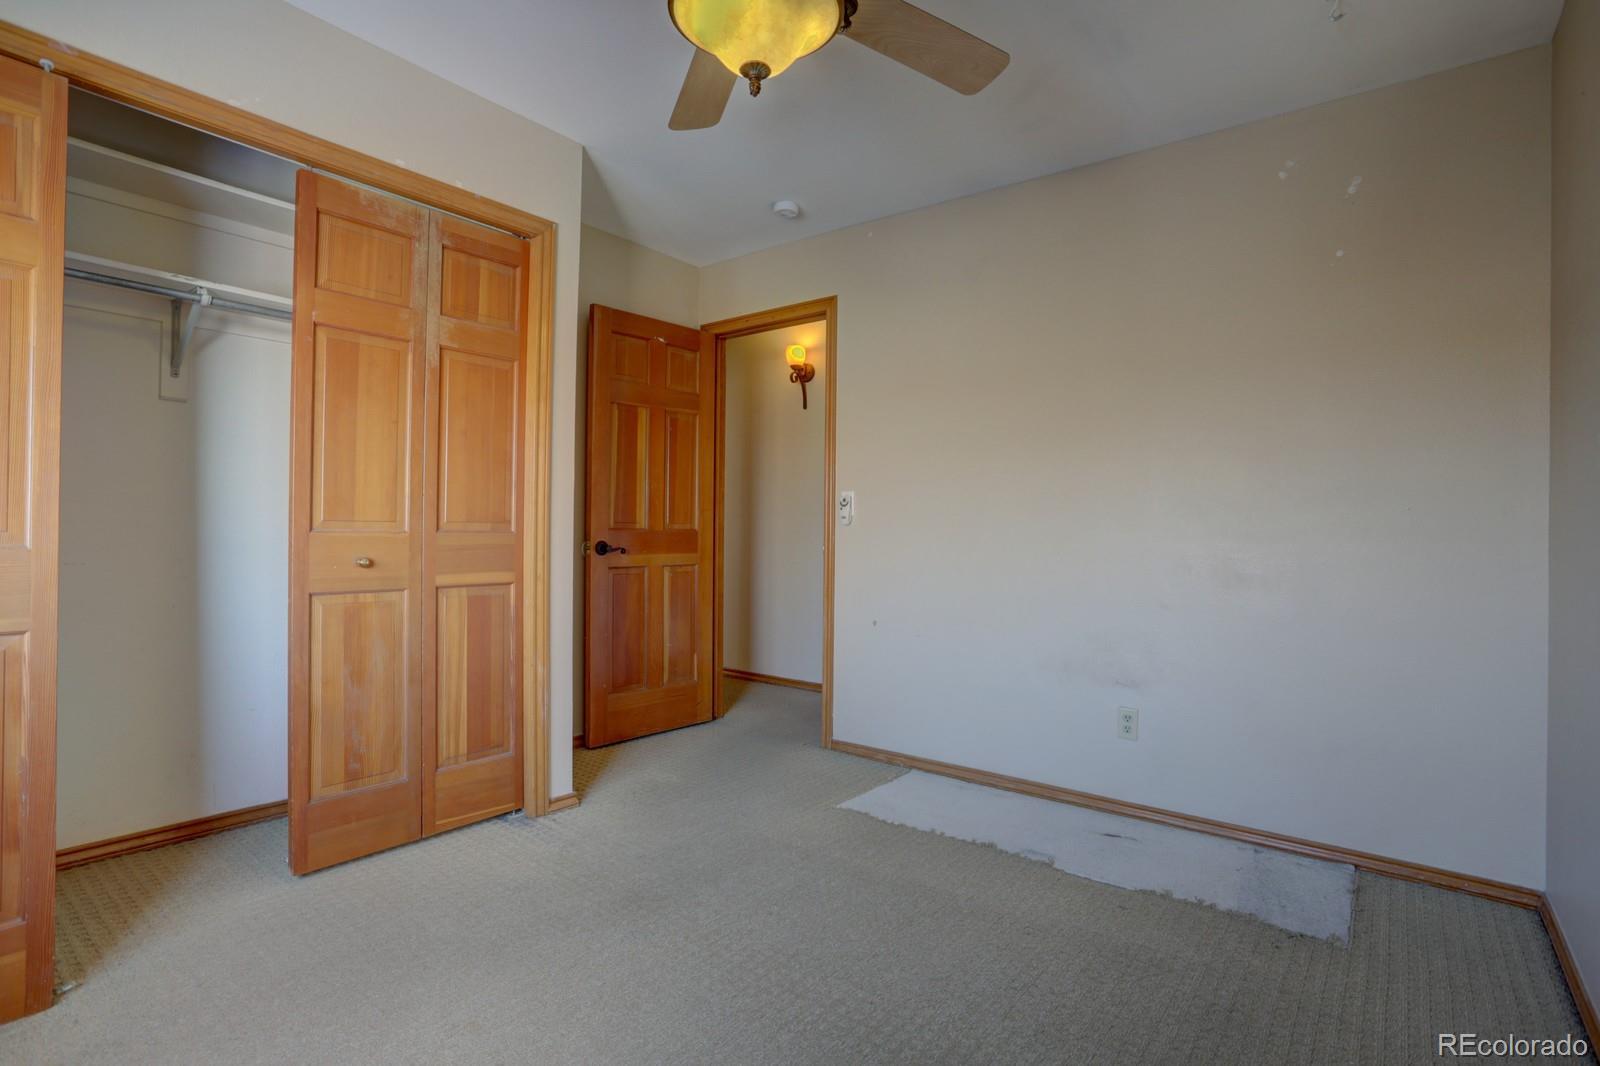 MLS# 5345837 - 22 - 5740 Slick Rock Court, Boulder, CO 80301